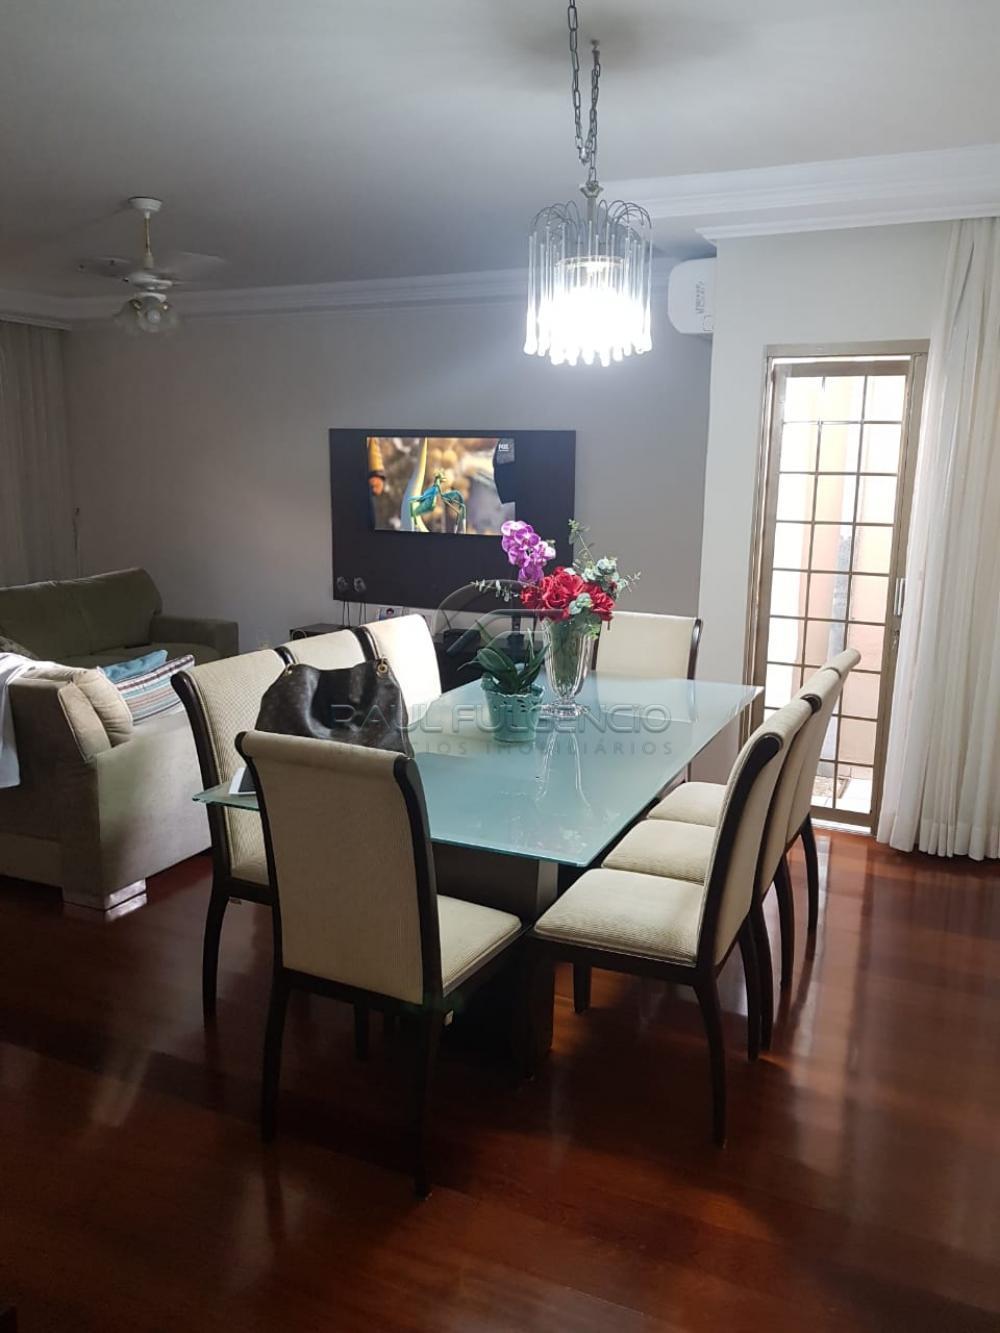 Comprar Casa / Térrea em Londrina apenas R$ 595.000,00 - Foto 2